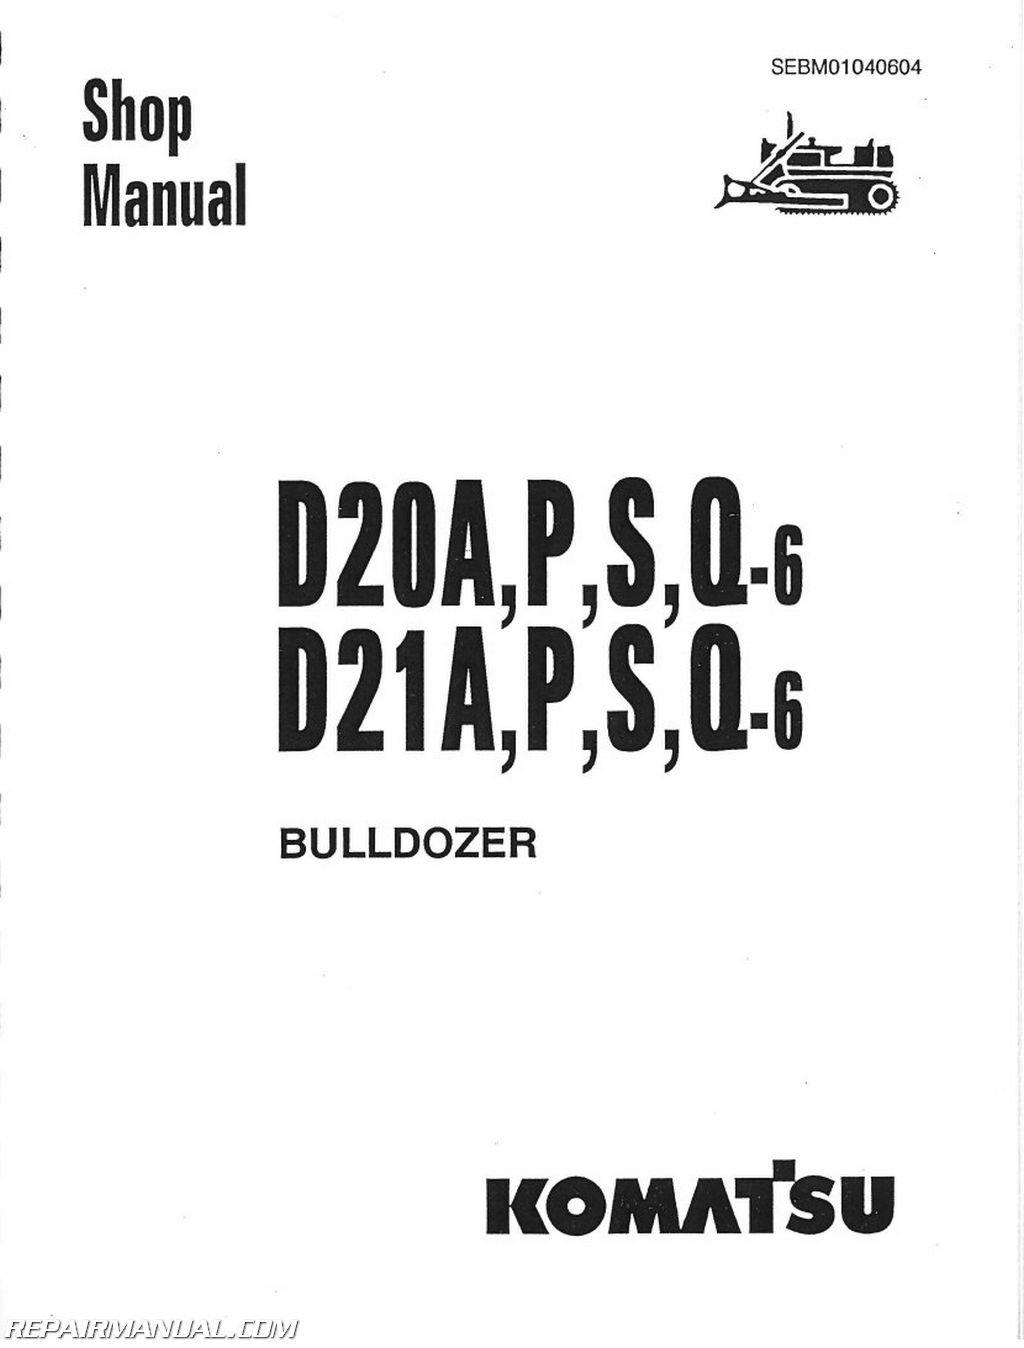 JS-KOM-S-D20AP-PLUS Komatsu D20 D21 D31 D37 CHASSIS ONLY Service Manual:  Manufacturer: Amazon.com: Books